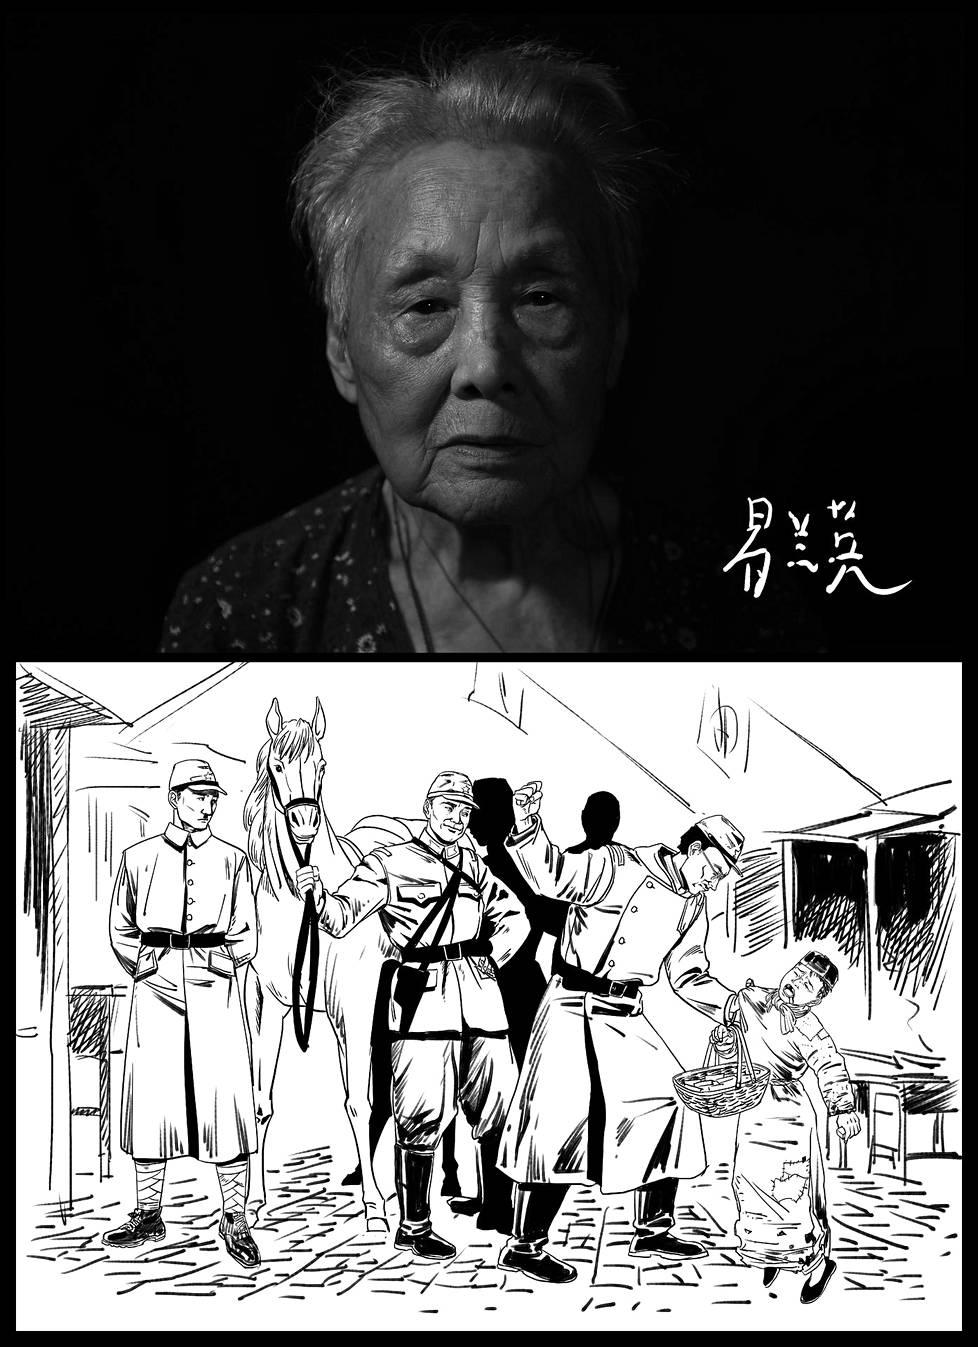 11-vuotias Yi Lanying pakeni isosiskonsa kanssa japanilaisia Nanjingin turvavyöhykkeelle, jonka länsimaiset olivat perustaneet natsi-Saksan John Raben johdolla. Sielläkään he eivät olleet turvassa, vaan joutuivat juoksemaan pakoon japanilaisia, jotka etsivät naisia ja tyttöjä raiskattavaksi. Yi näki, kuinka japanilaiset hakkasivat kuoliaaksi ruokaa kuljettaneen pojan. Häneltä itseltään upseeri löi hampaat irti.